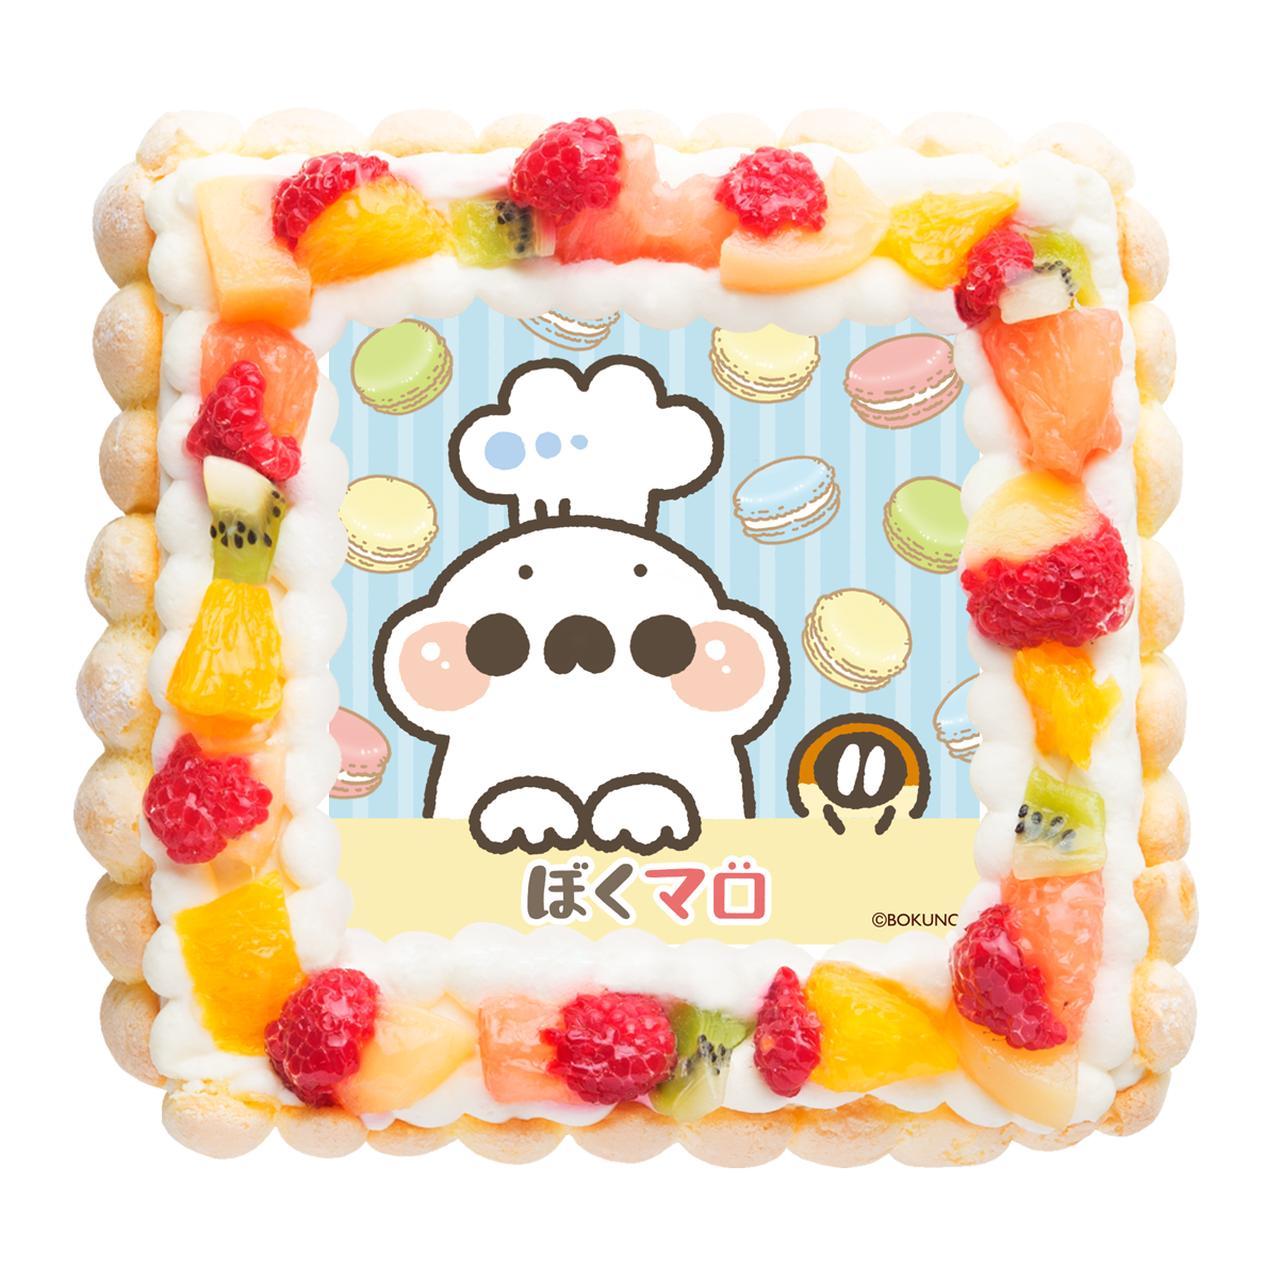 画像2: マシュマロアザラシ「マロくん」がケーキに!